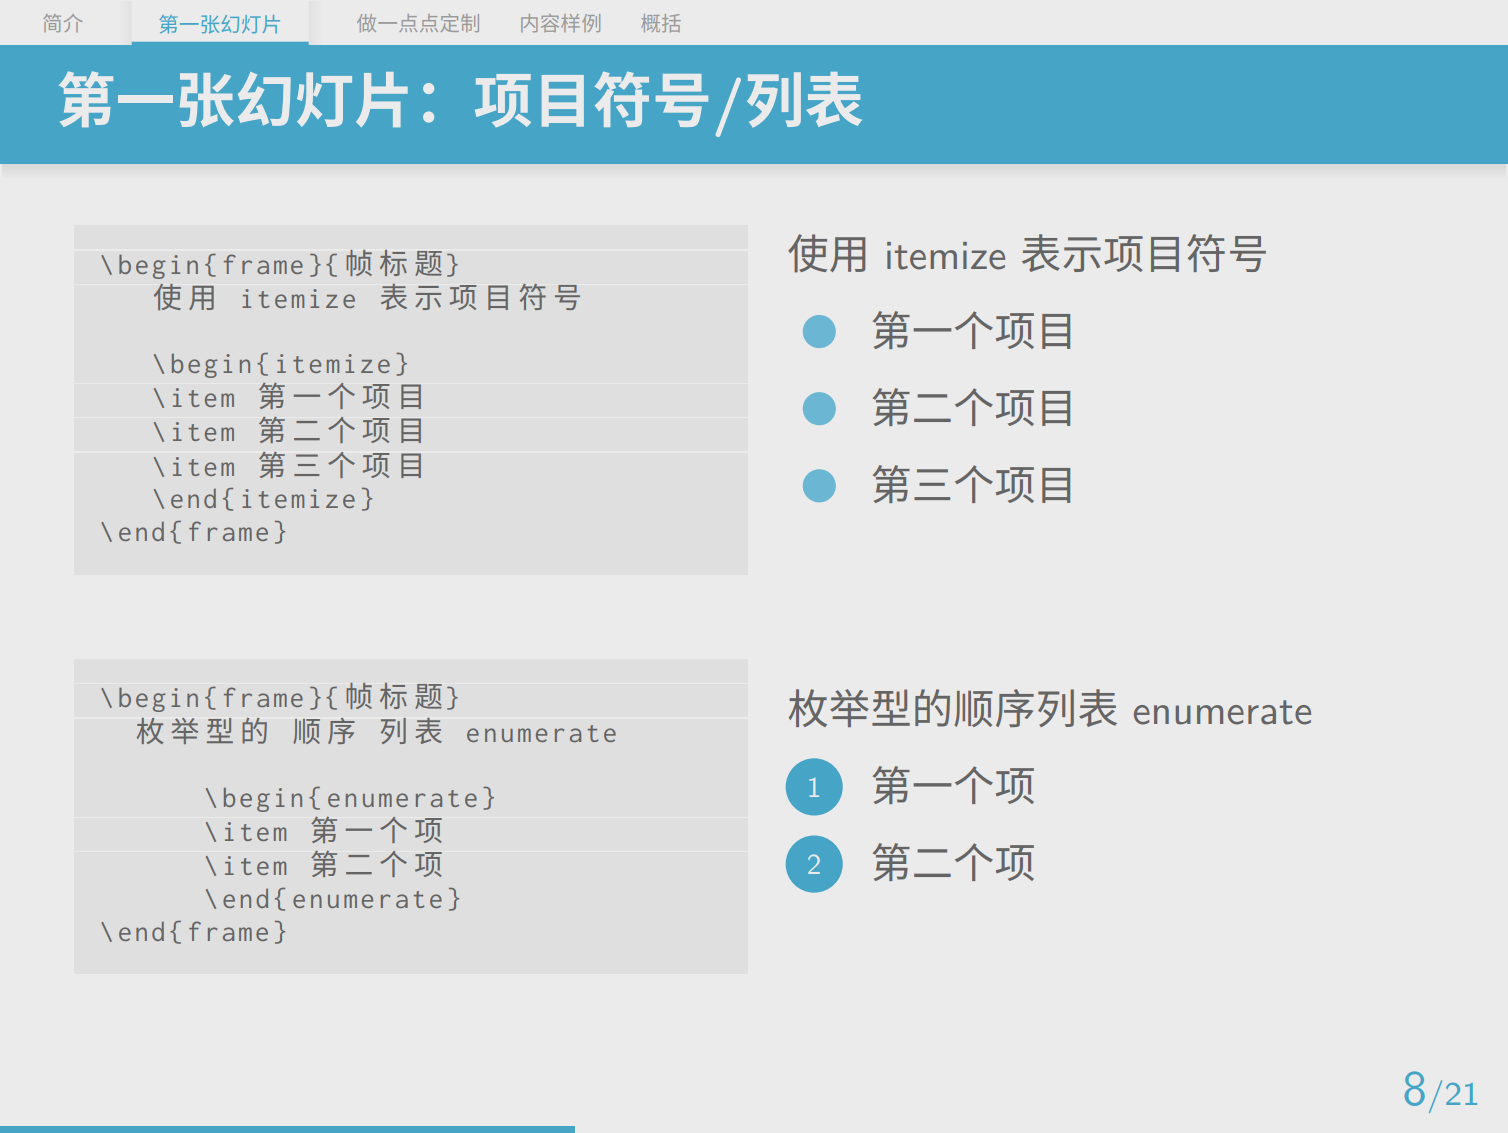 一个用户日文 beamer 主题汉化